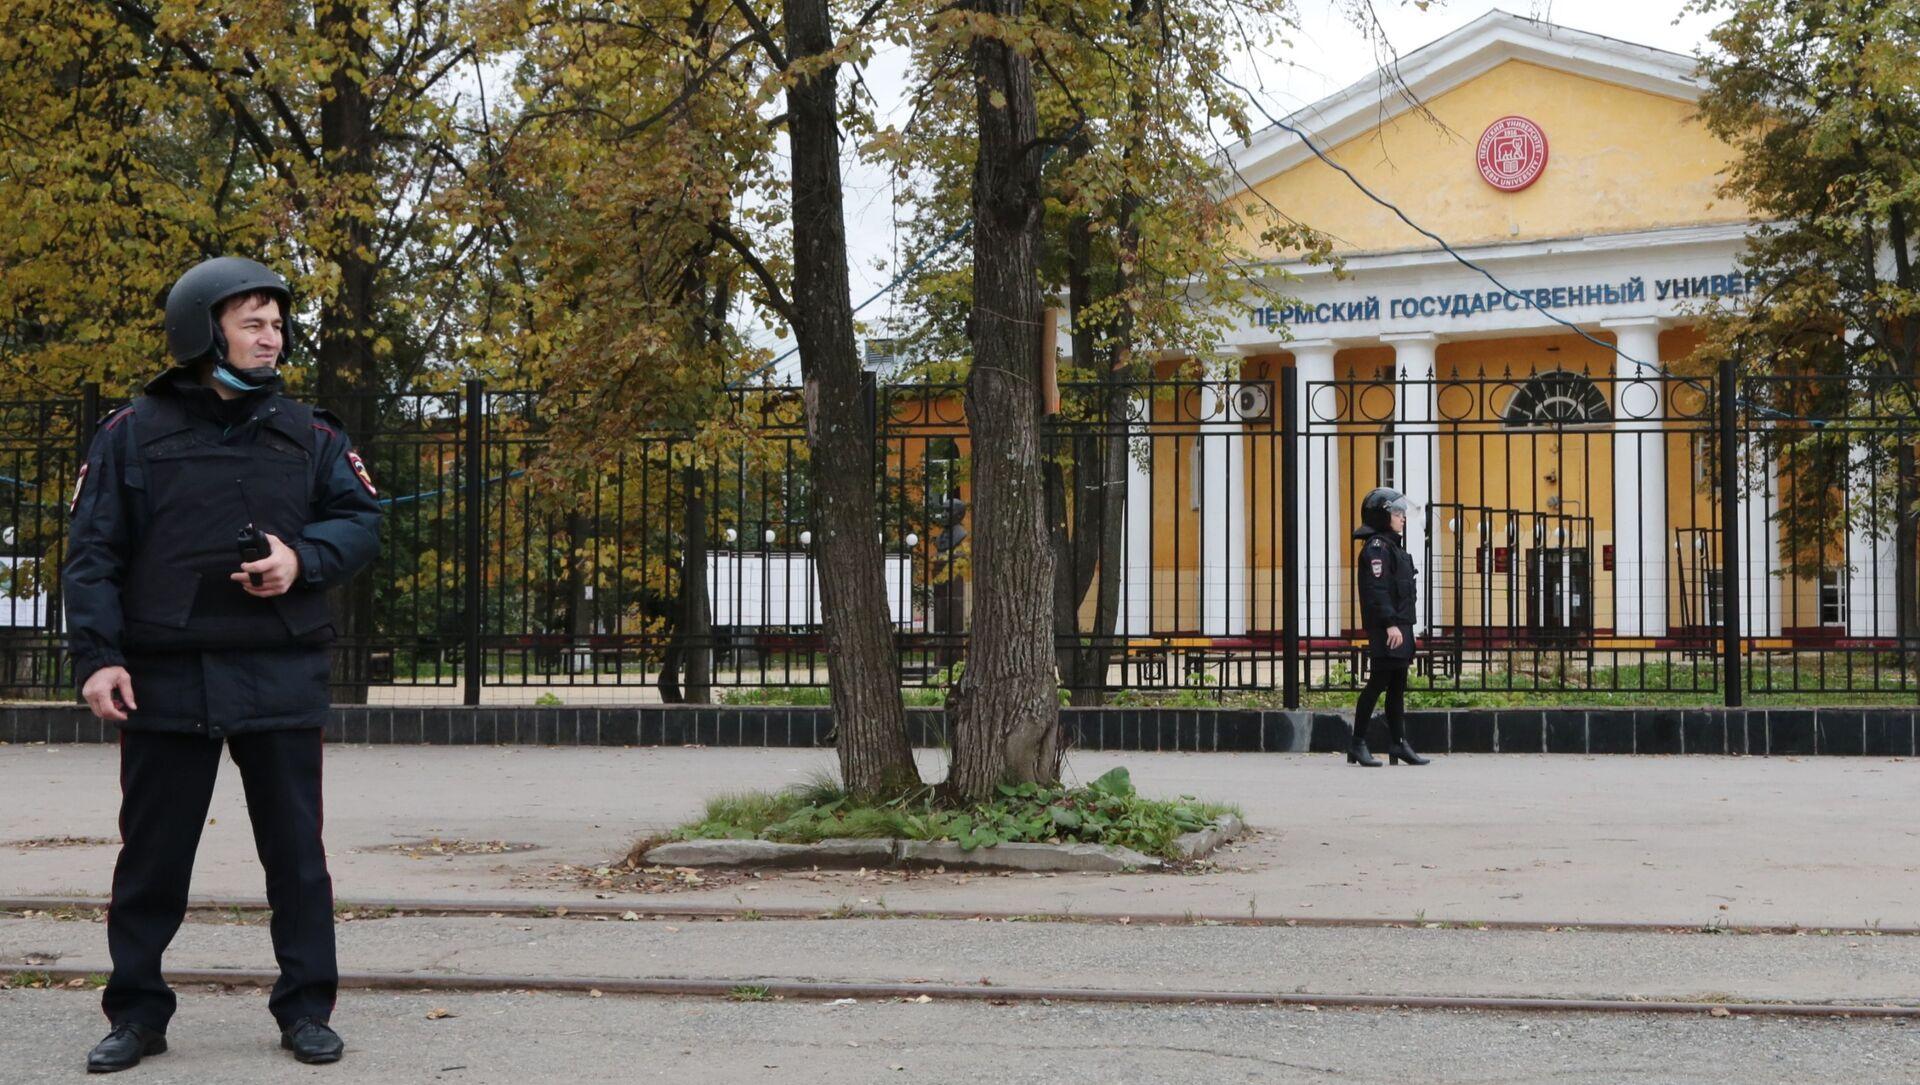 Стрельба в университете в Перми - Sputnik Абхазия, 1920, 20.09.2021